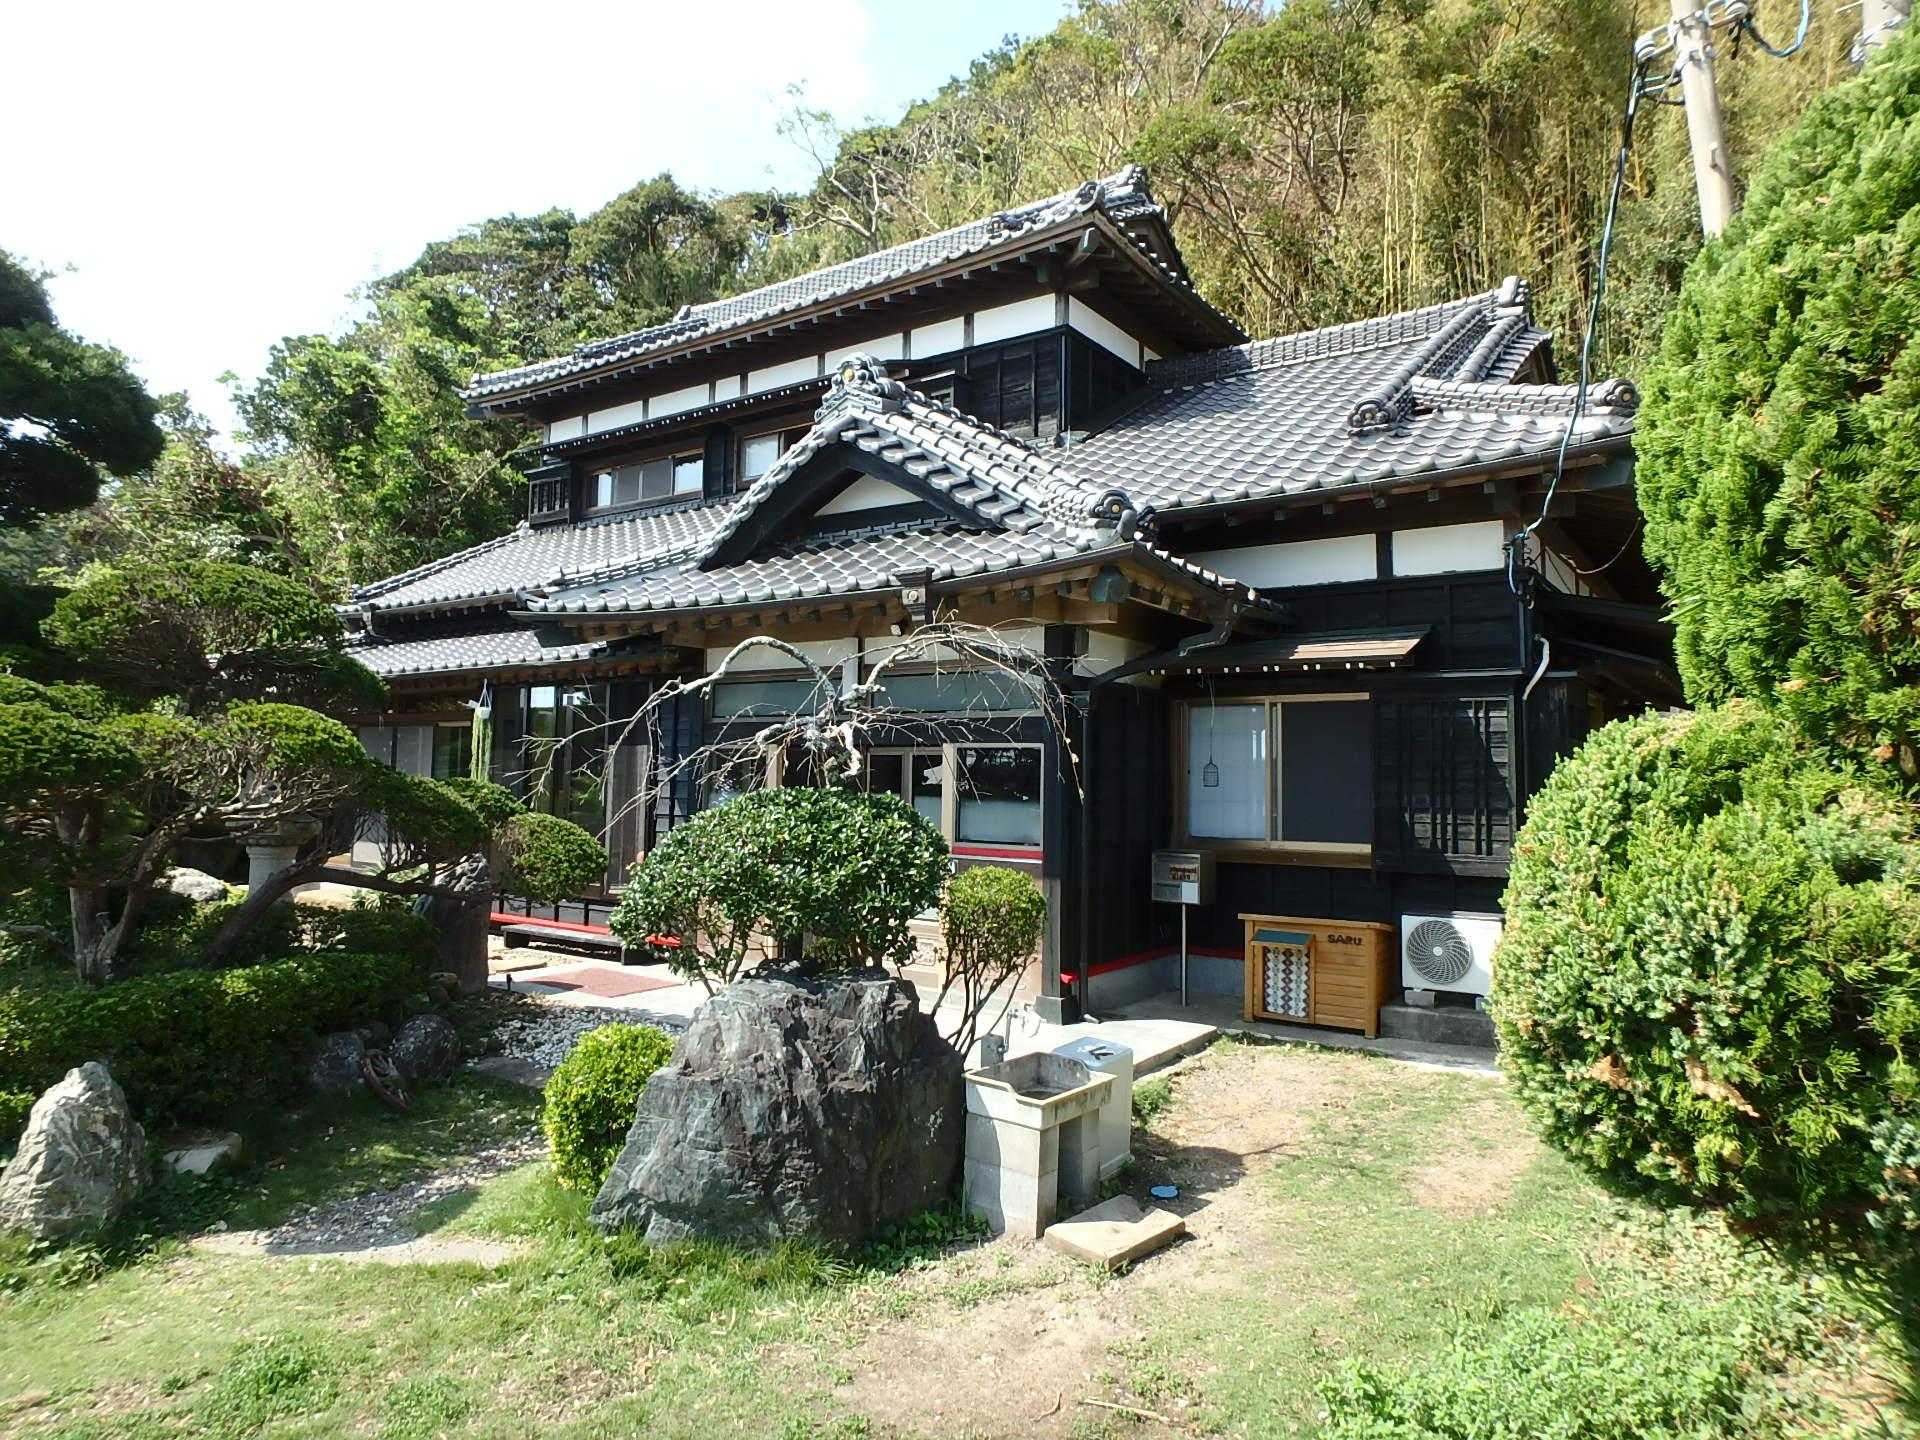 千葉県館山市亀ヶ原の不動産 和の伝統建築 カフェや宿泊施設向き